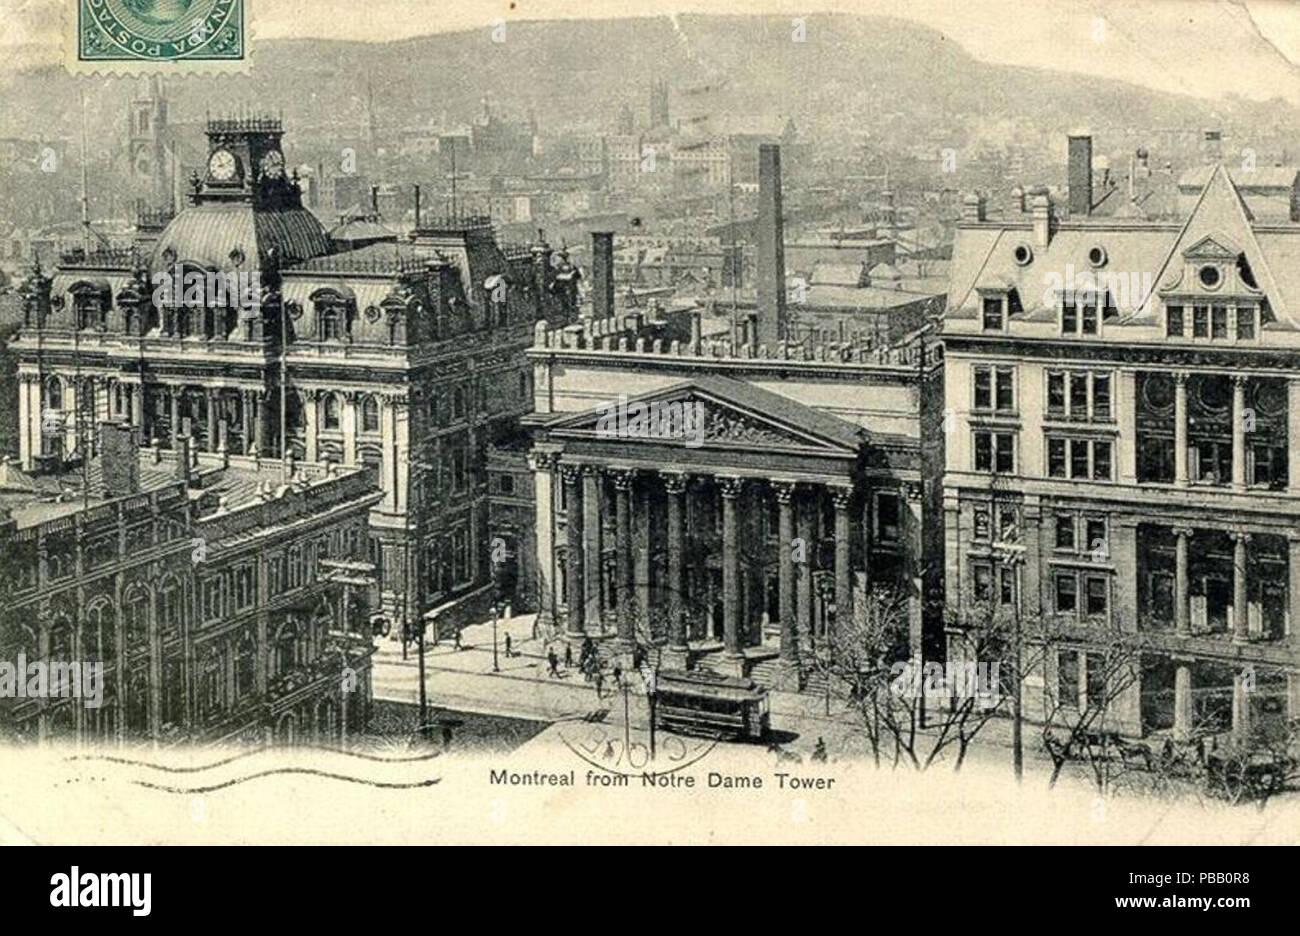 Les bureaux de la poste stockfotos & les bureaux de la poste bilder